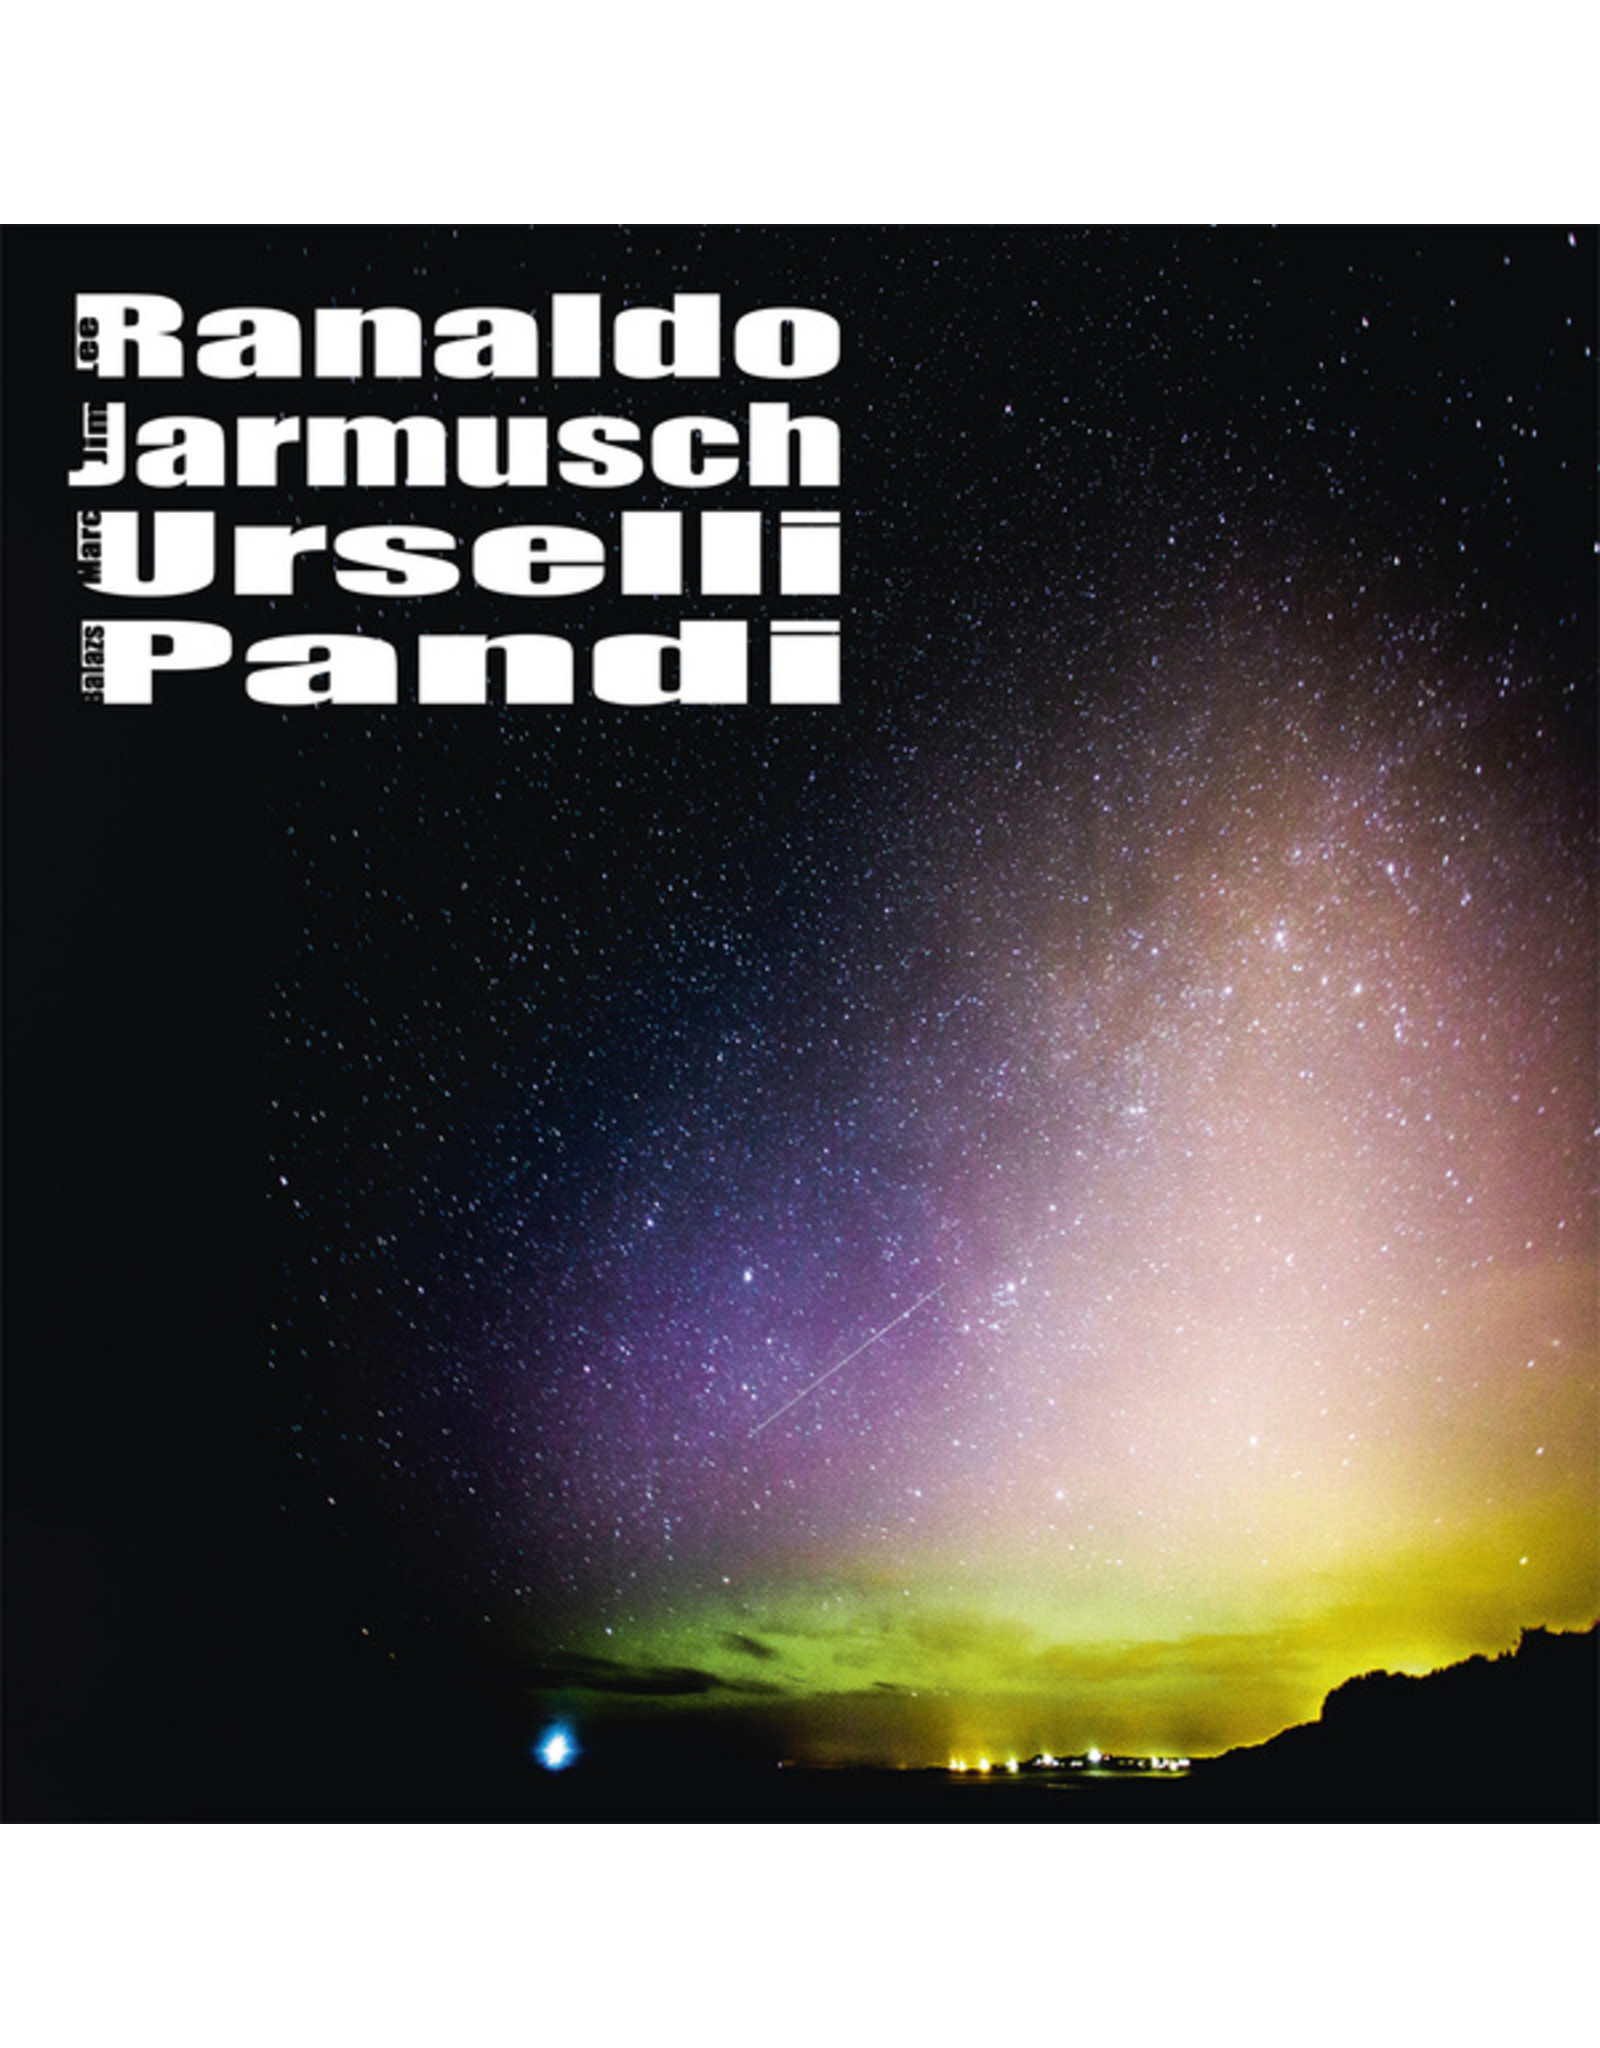 New Vinyl Lee Ranaldo, Jim Jarmusch, Marc Urselli, Balazs Pandi - S/T LP